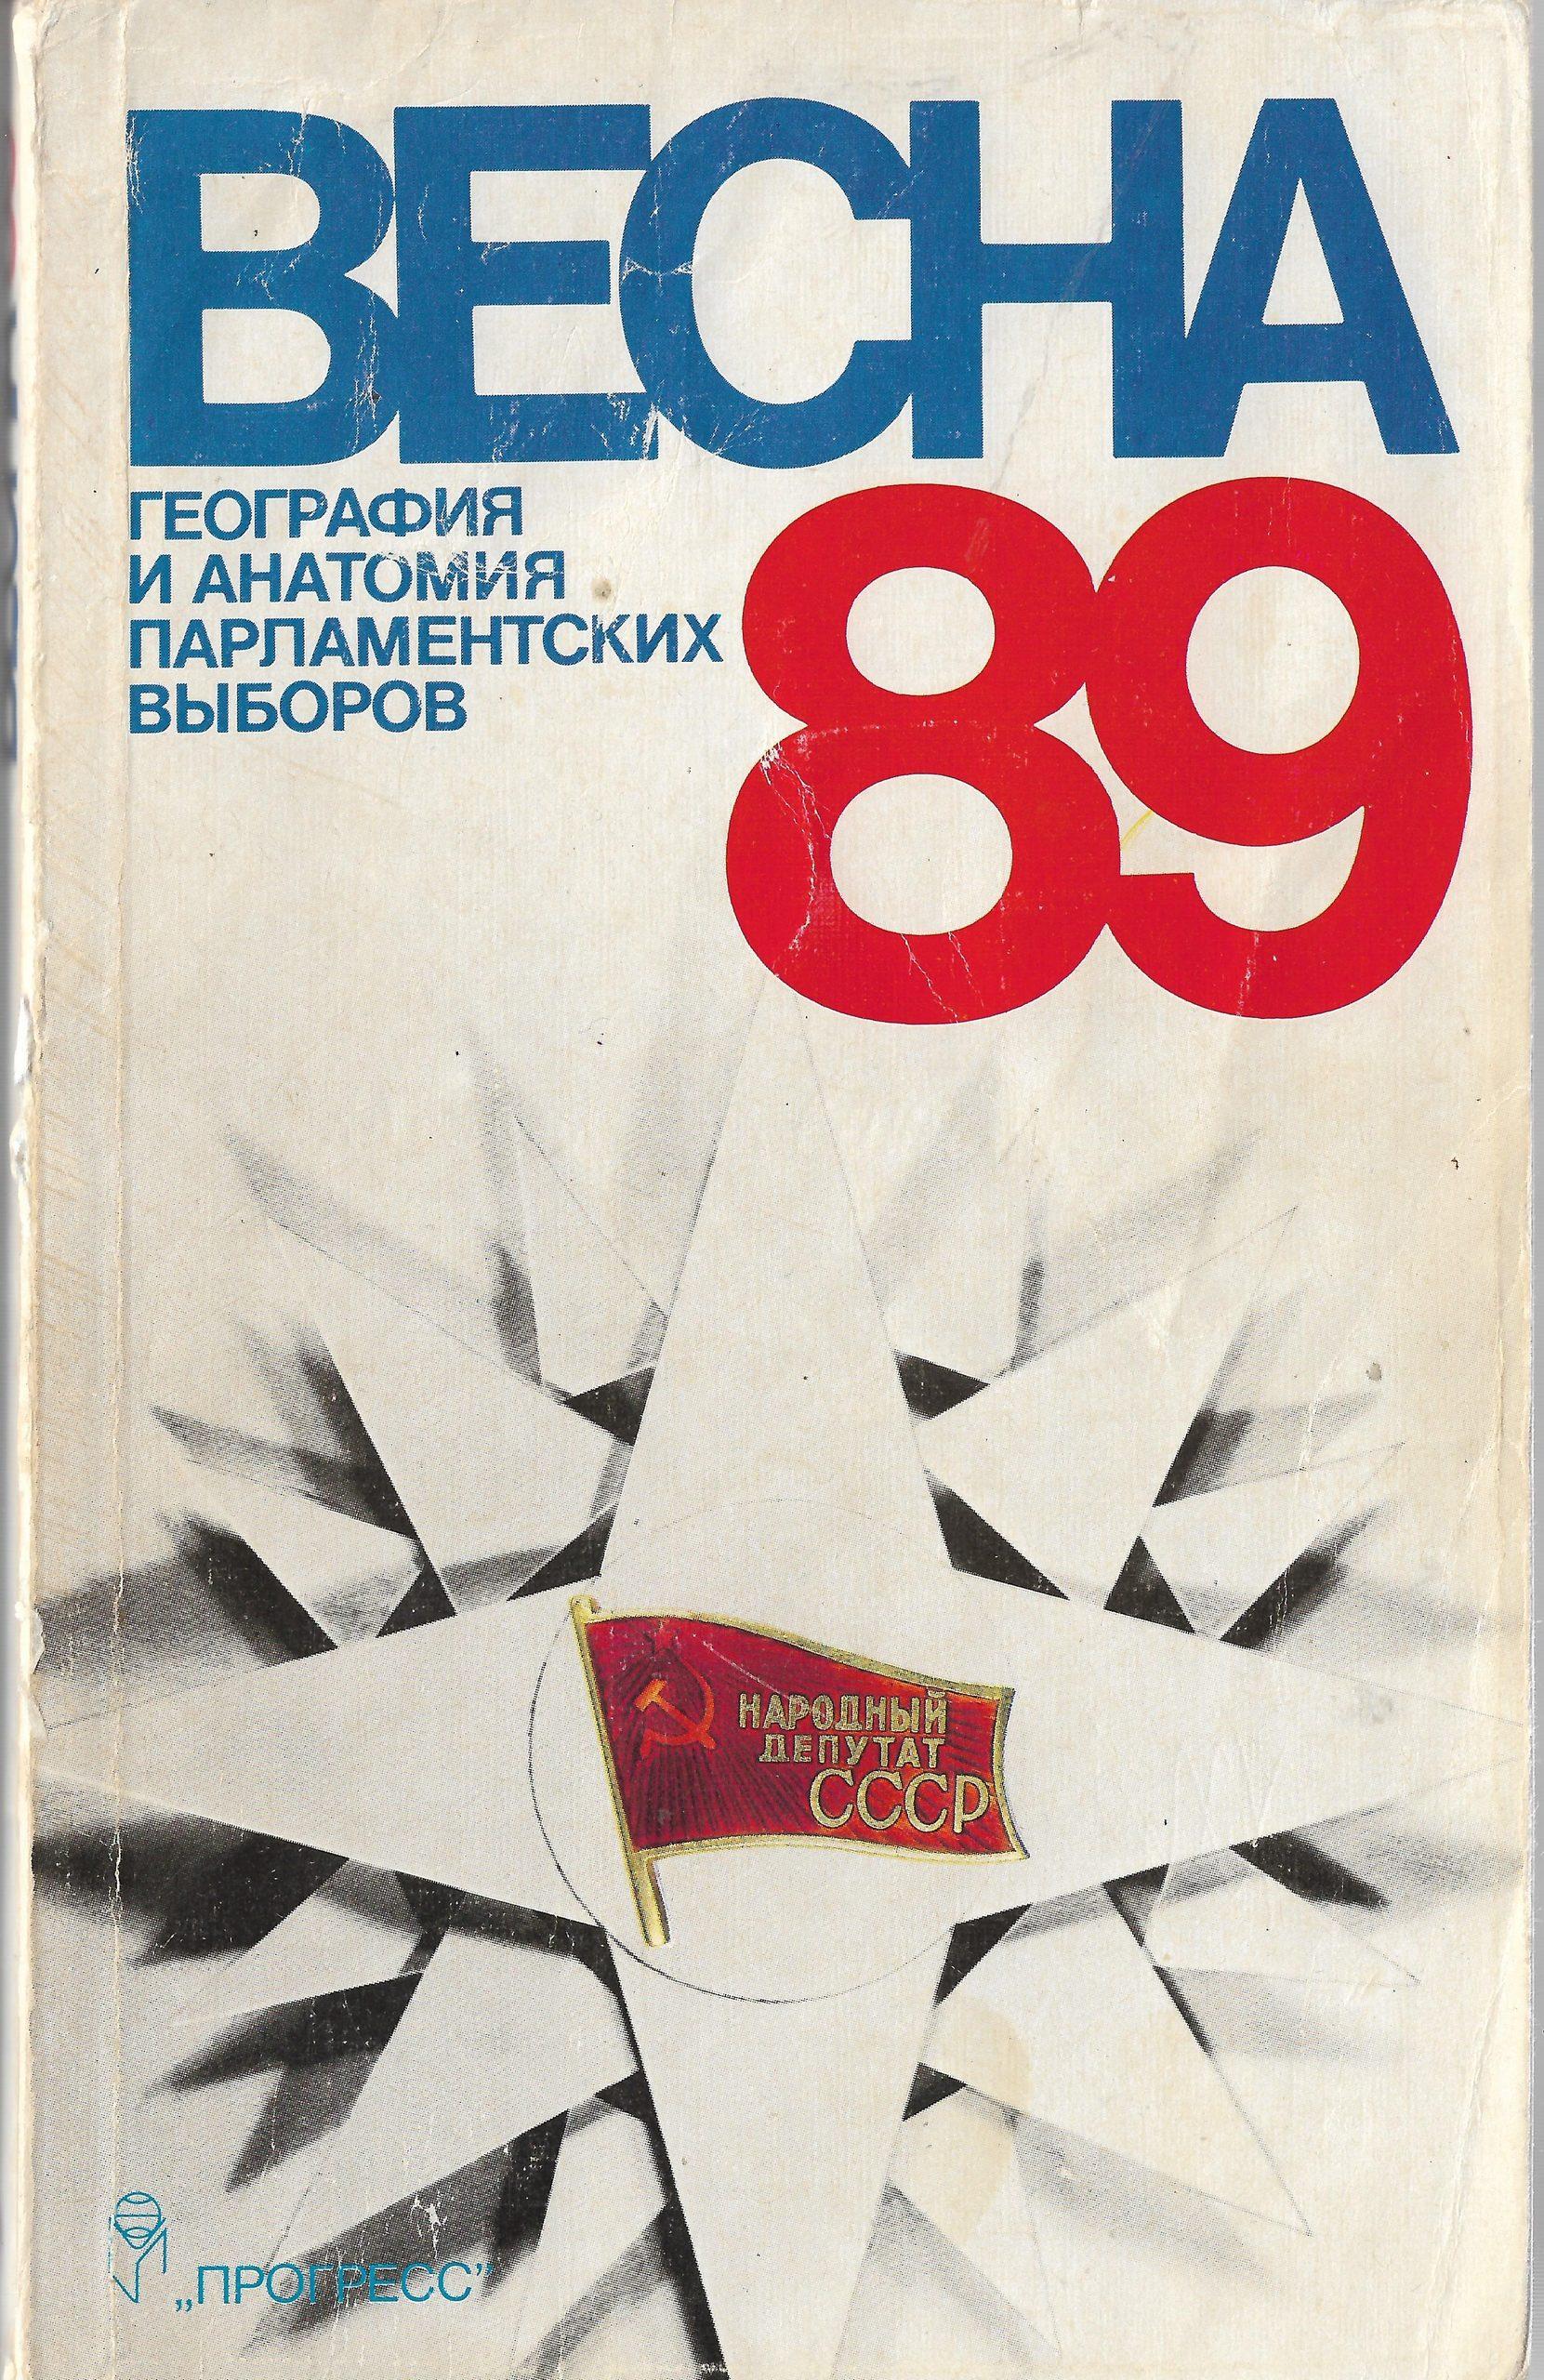 Весна 89: География ианатомия парламентских выборов